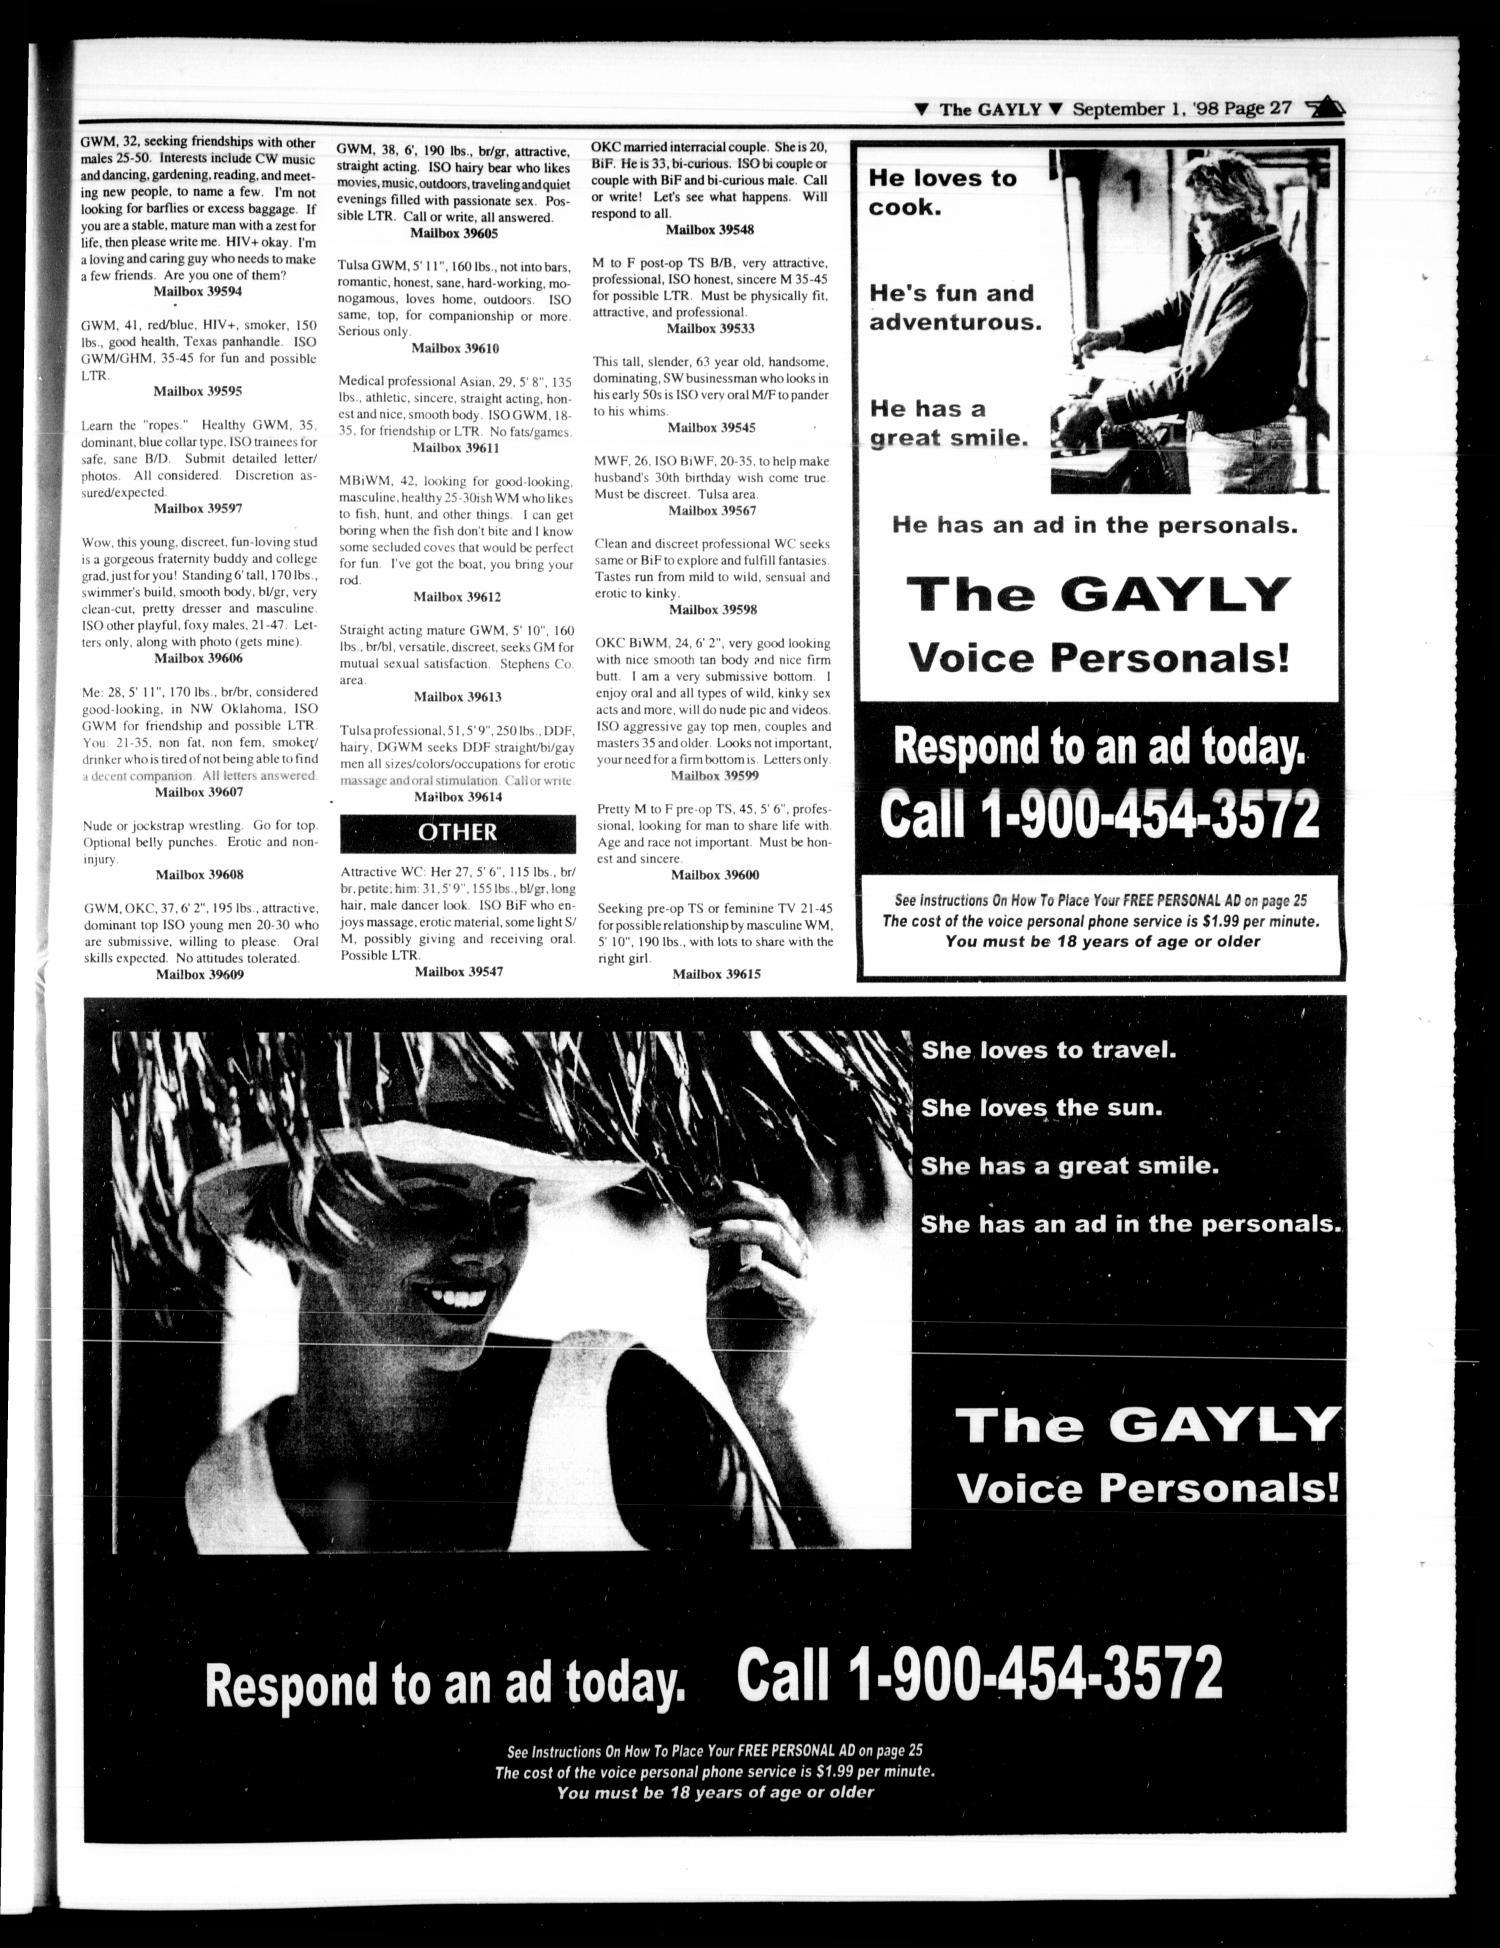 The Gayly Oklahoman (Oklahoma City, Okla.), Vol. 16, No. 17, Ed. 1 Tuesday,  September 1, 1998 - Page 27 of 32 - Digital Library